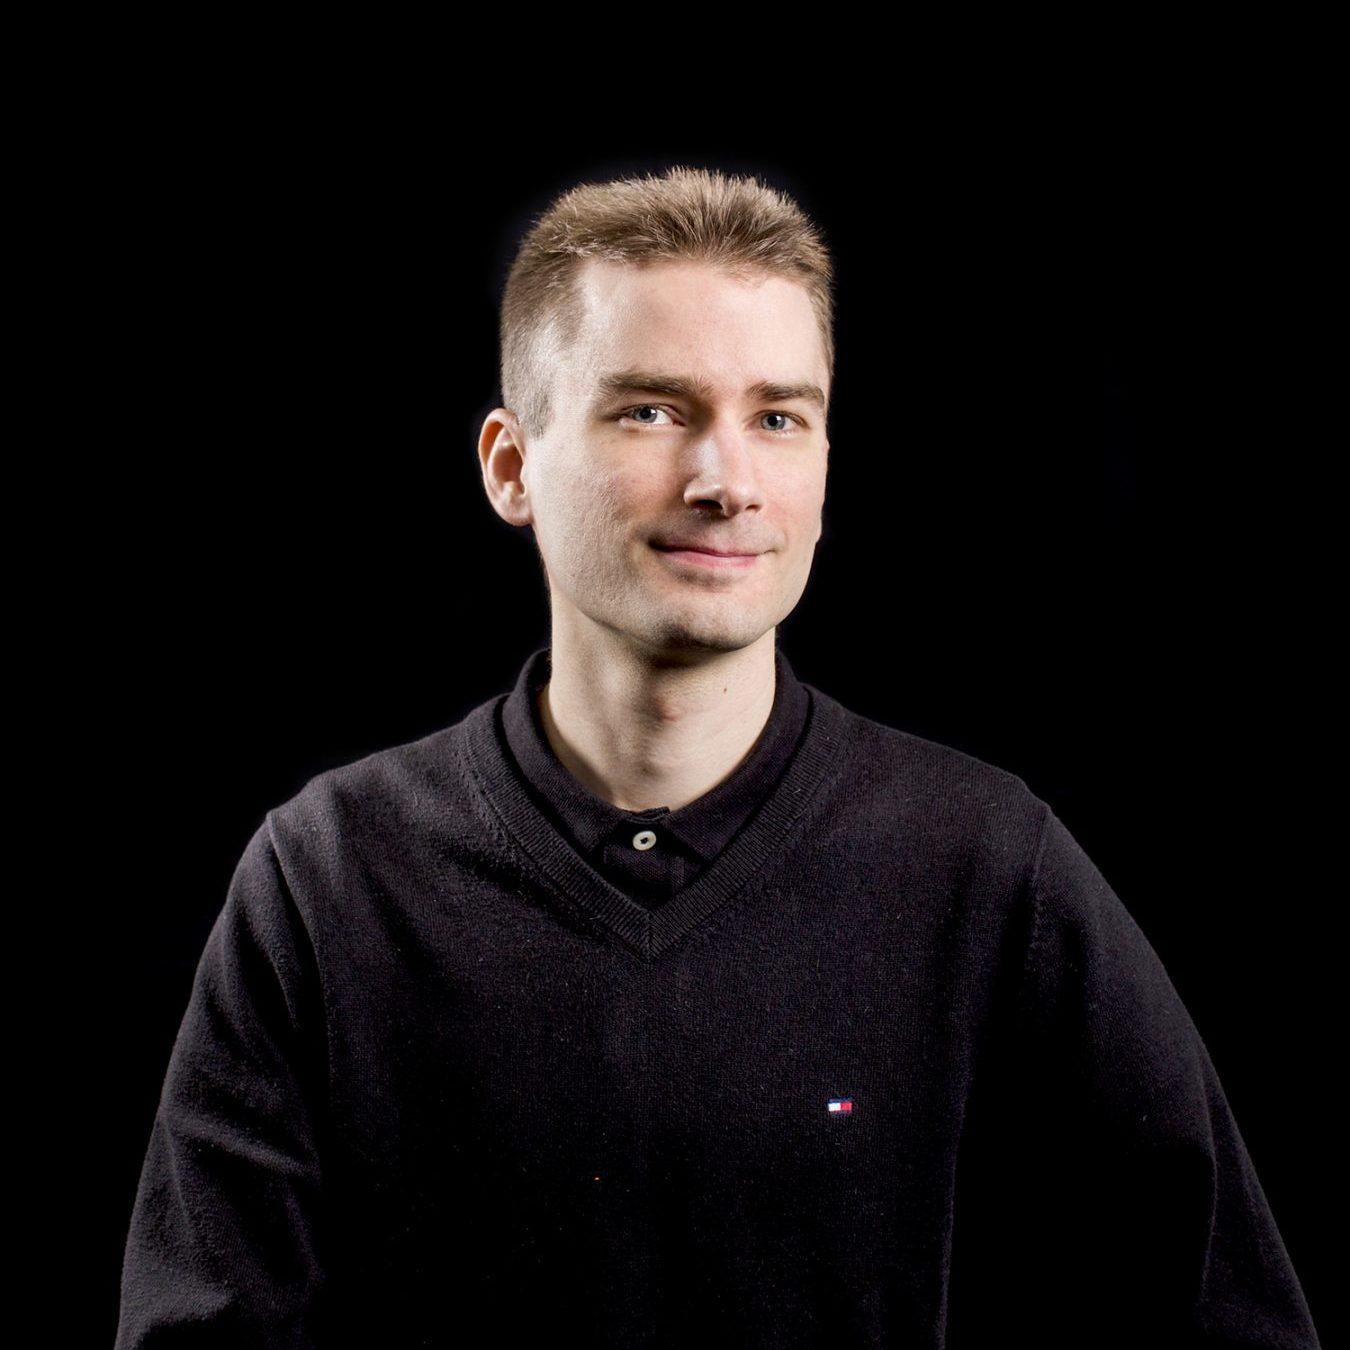 Rami Järvinen